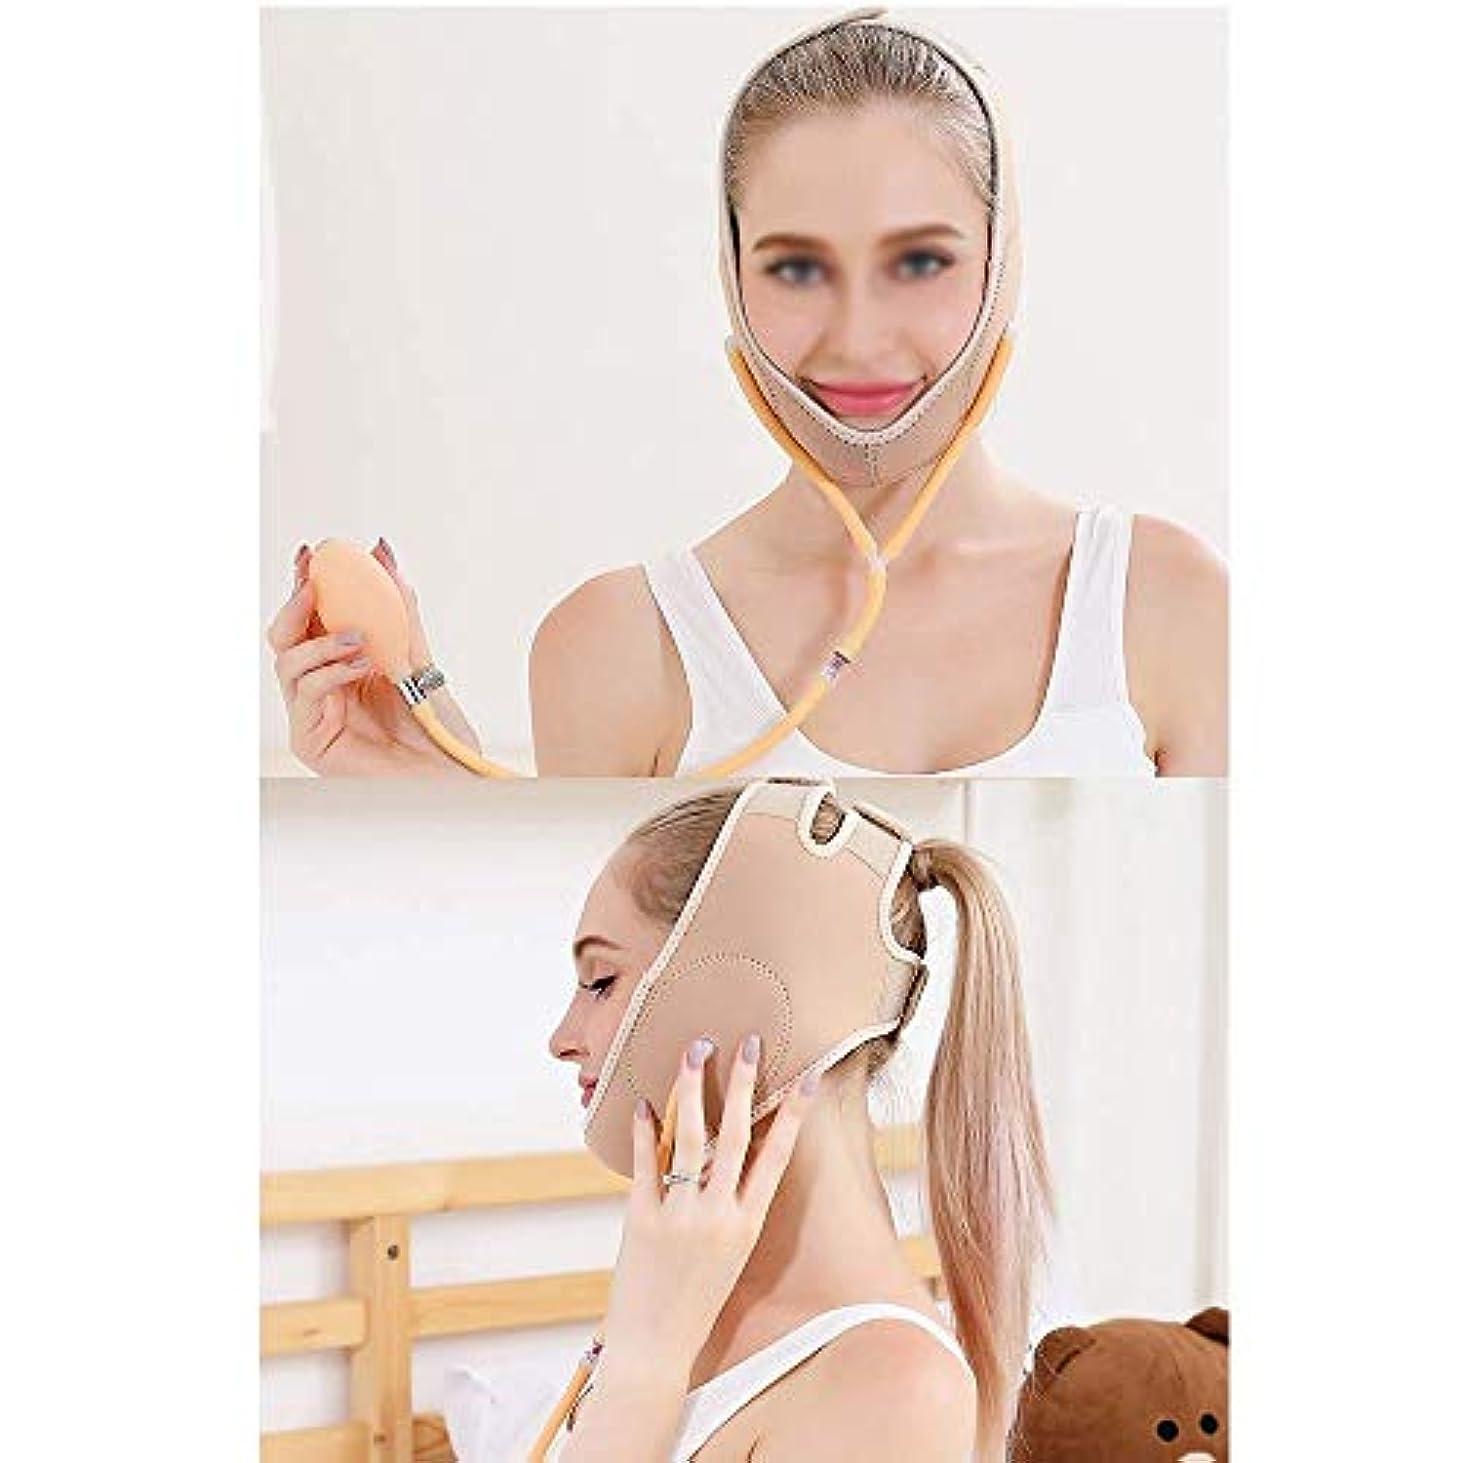 は二重あご、膨脹可能な顔の持ち上がる革紐、顔の持ち上がる包帯、減らされた二重あごの包帯(1つのサイズはすべてに合う)(色:ピンク)を効果的に改善する,黄色がかったピンク